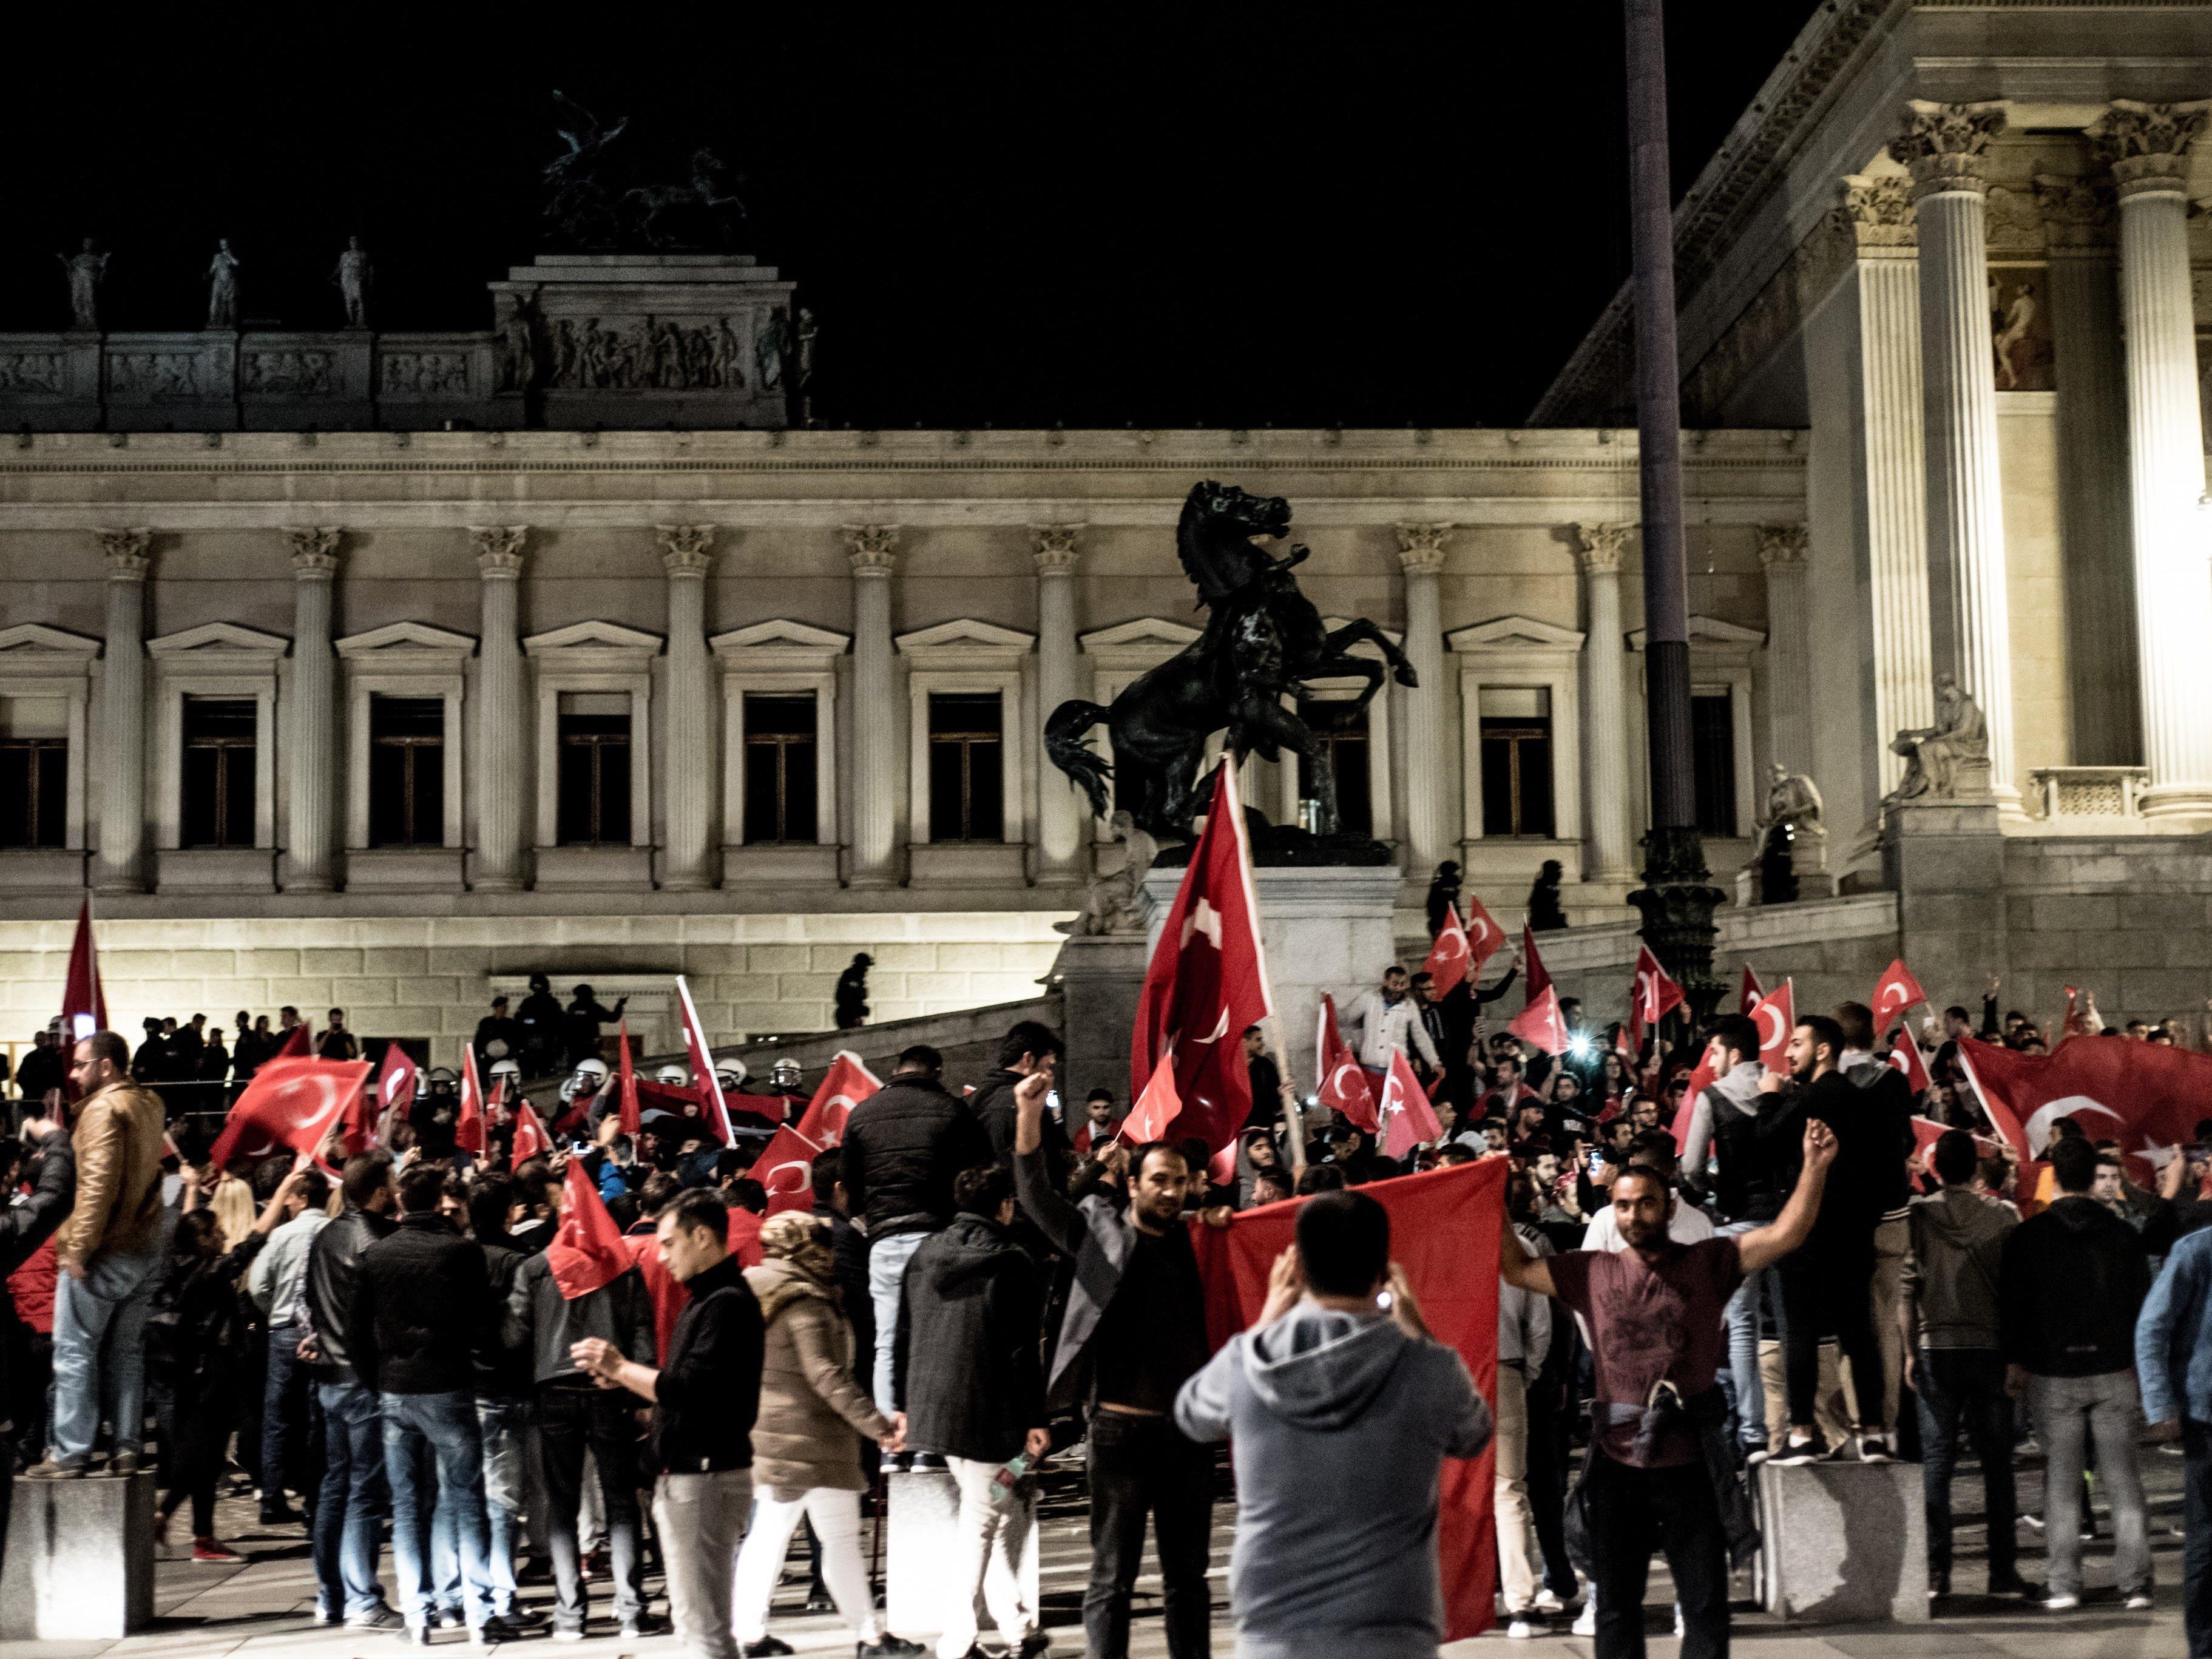 Pro-Erdogan Demonstranten versammelten sich in Wien